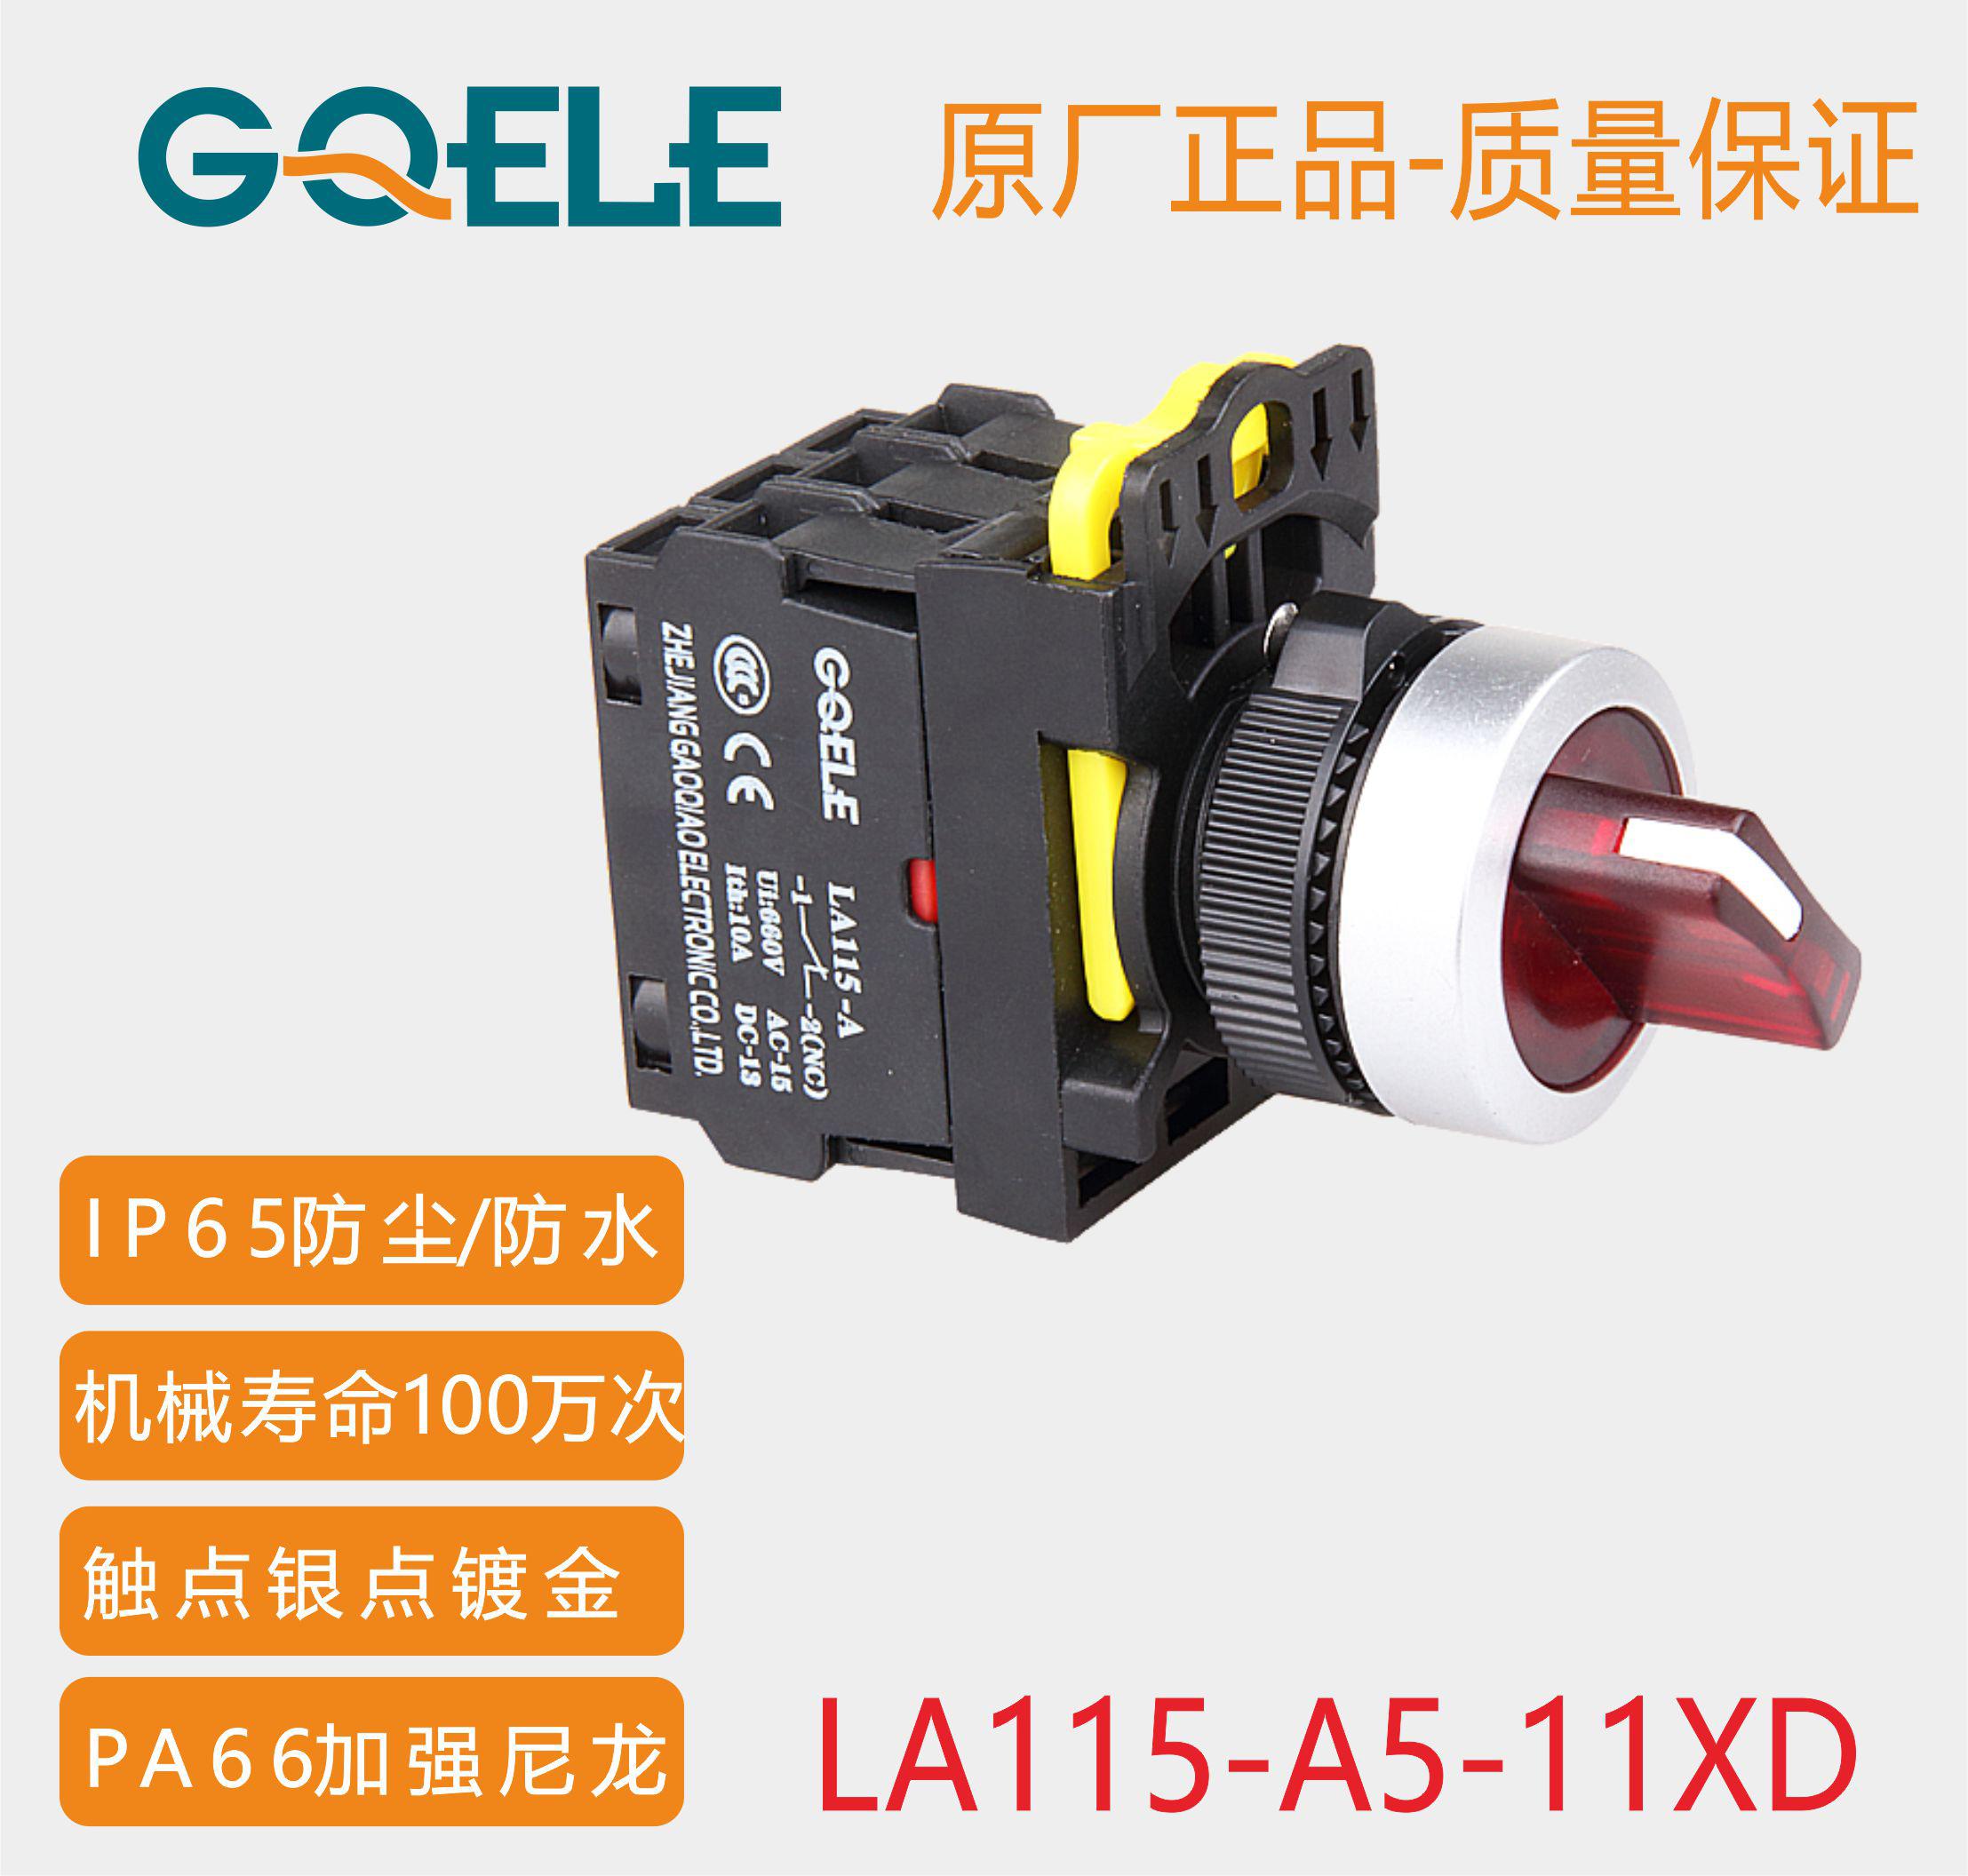 Такахаси, LA115-A5-11XD/11XDFU ручки с огнем самостоятельно восстановить гидроизоляции кнопку переключатель блокировки / 22mm